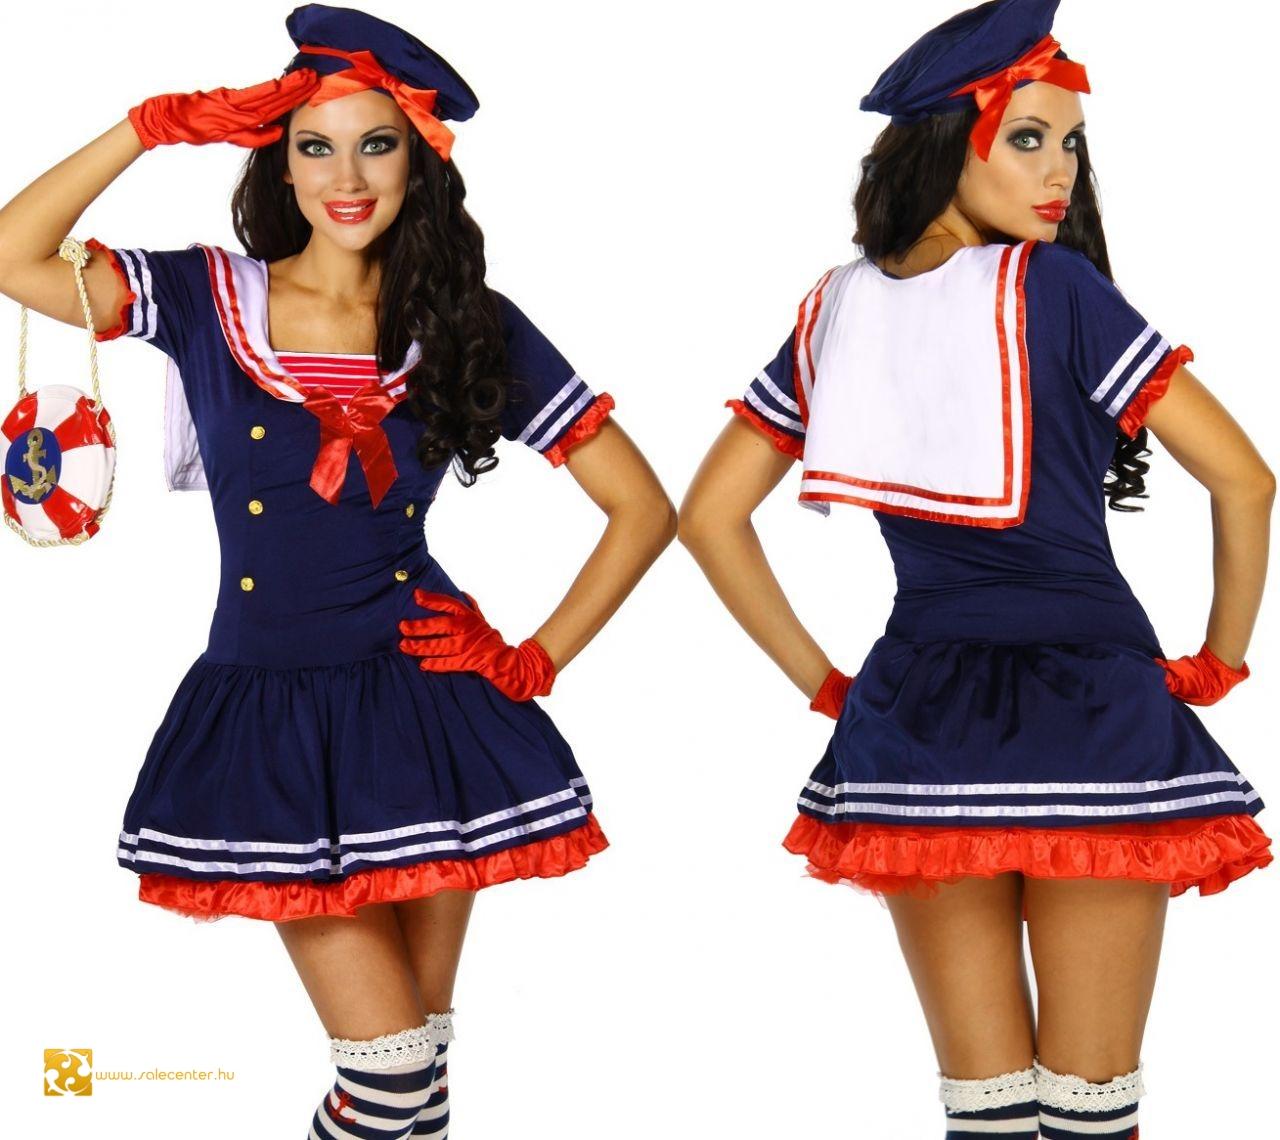 Matróz kosztüm felnőtt női jelmez matróz tengerész szexi dögös ... 0e3acc5683